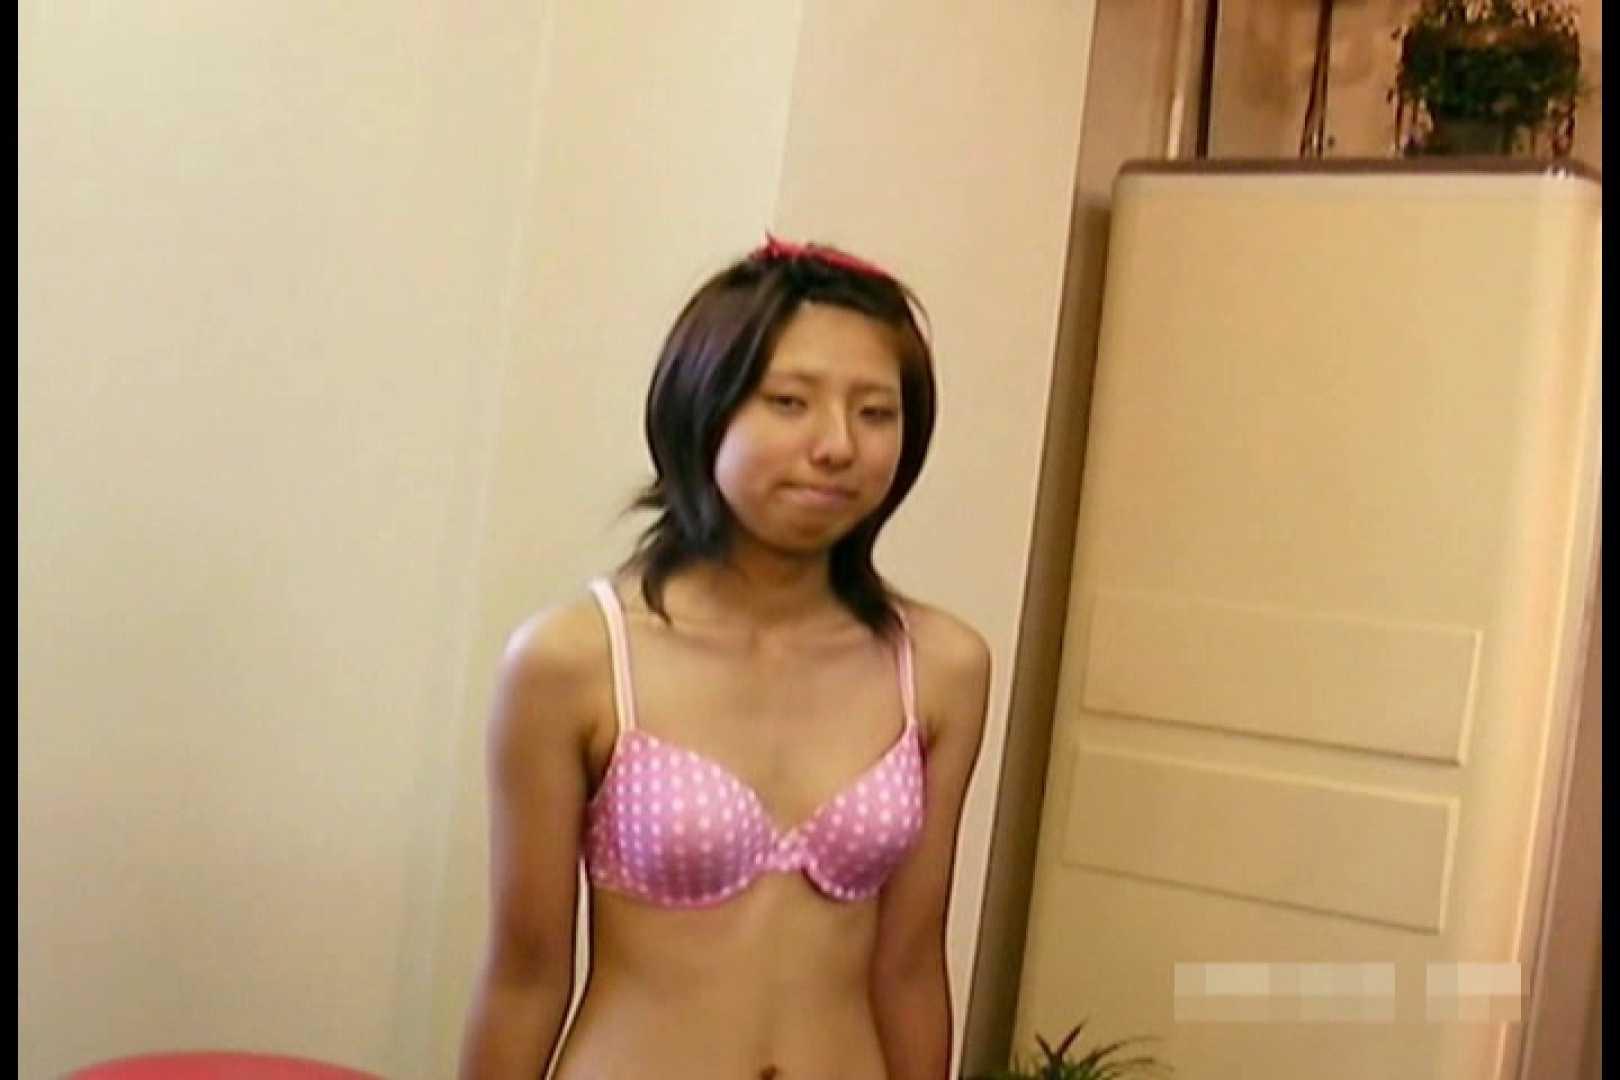 素人撮影 下着だけの撮影のはずが・・・エミちゃん18歳 丸見え AV動画キャプチャ 107pic 34